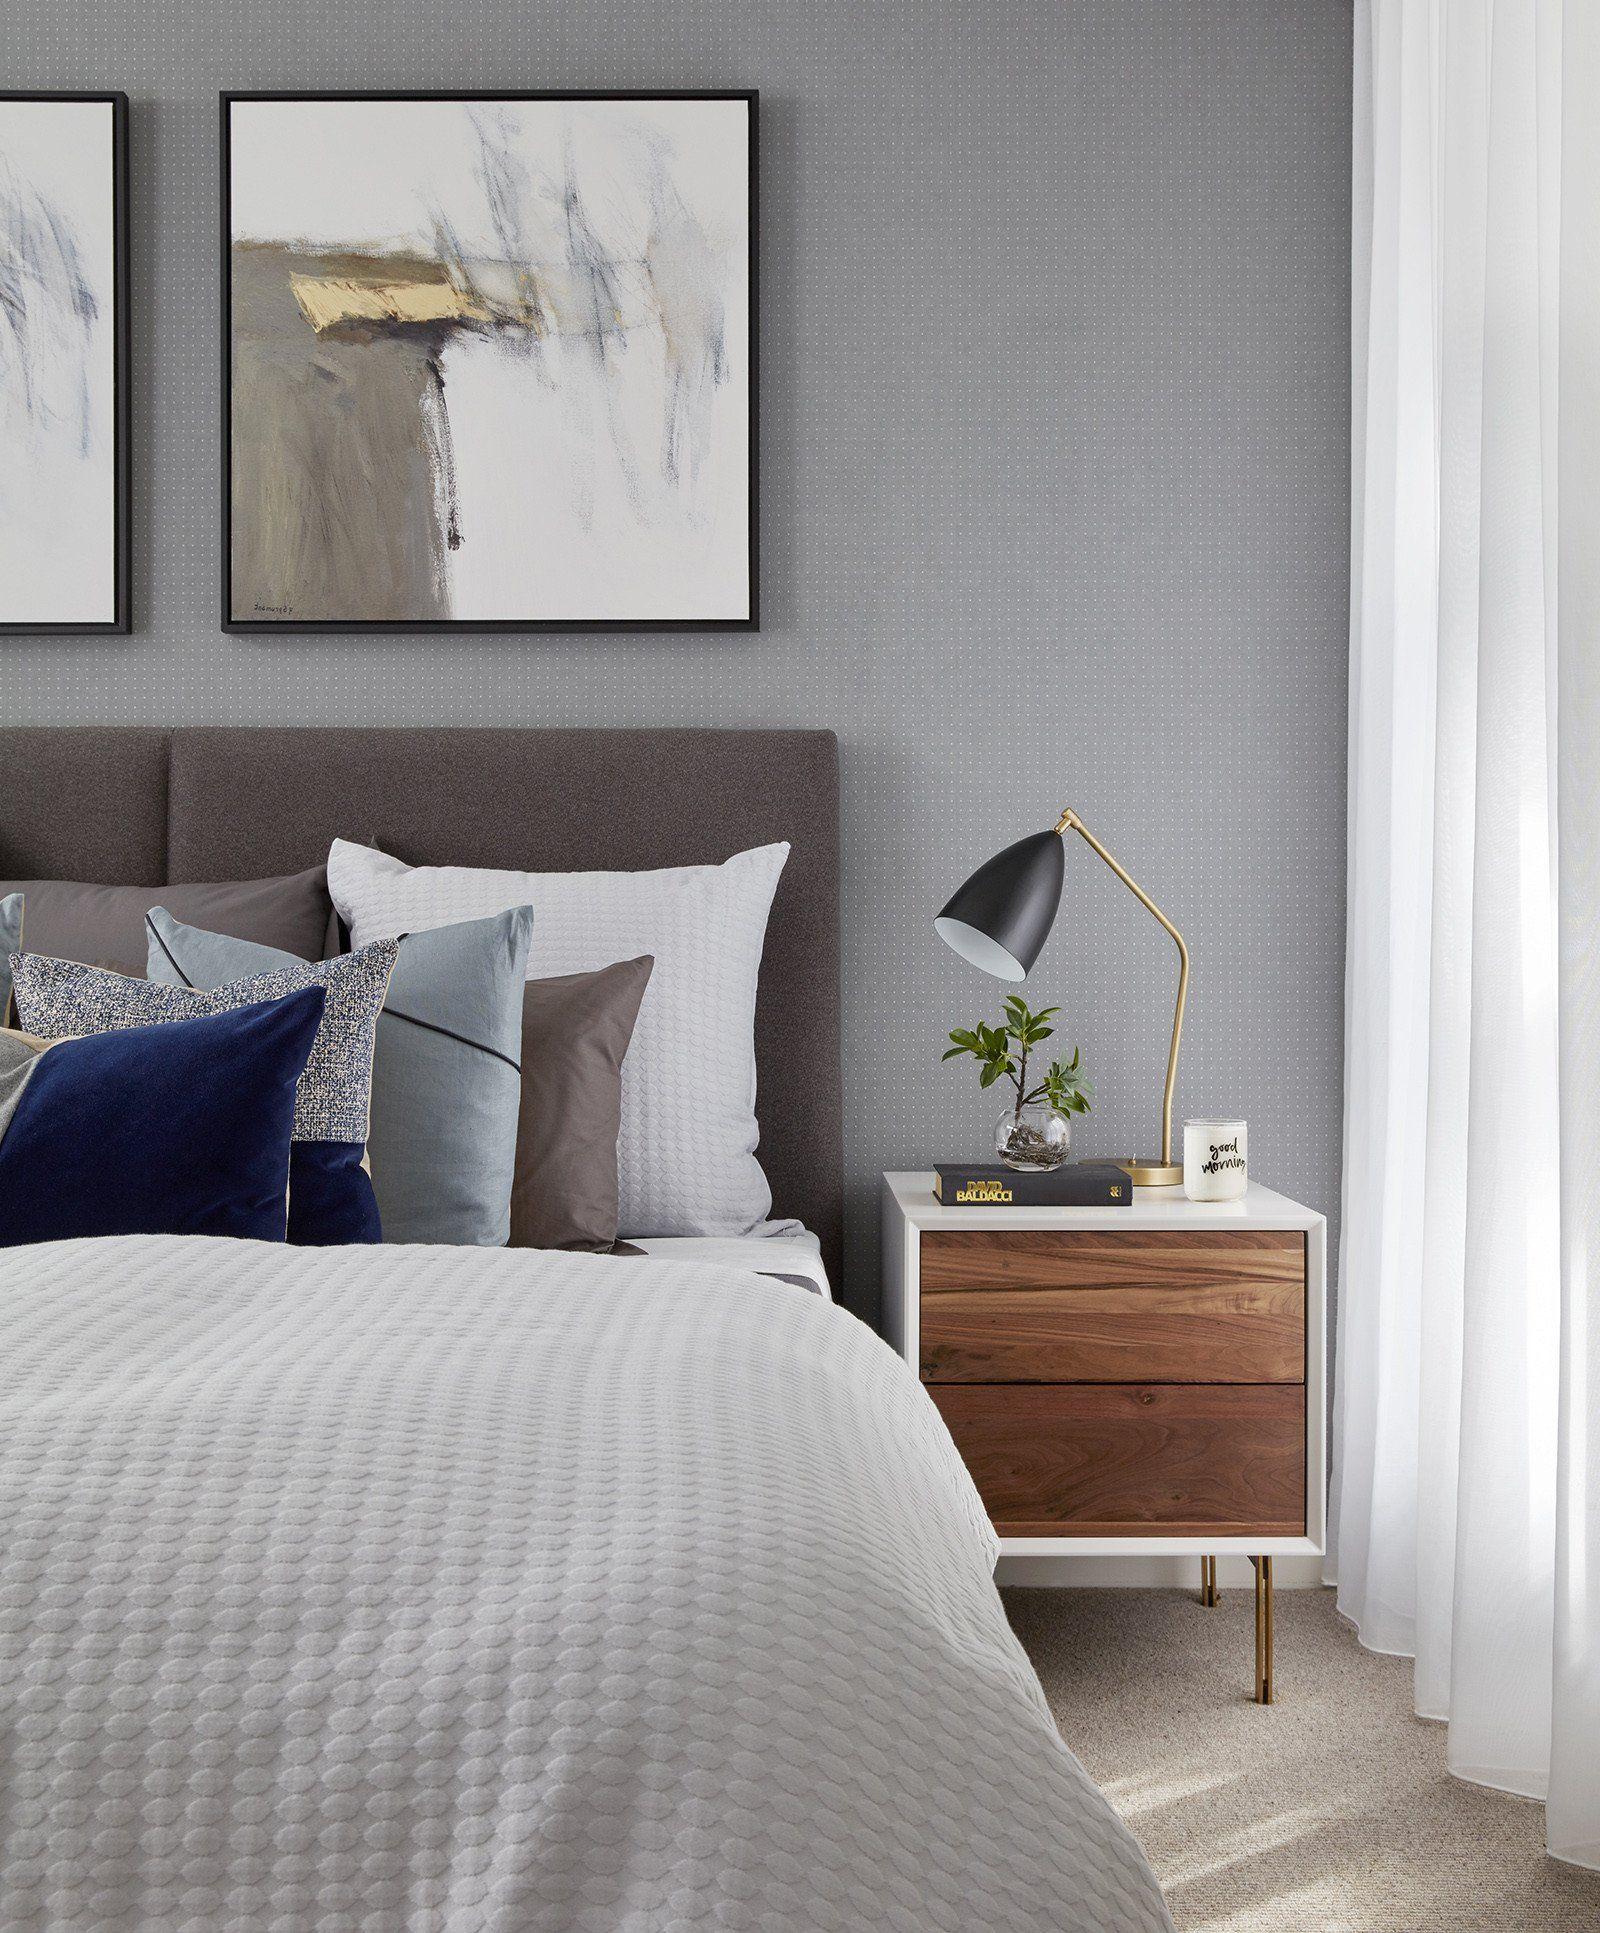 Pin by lamerandi on Home inspo in 2020 Bedroom wall